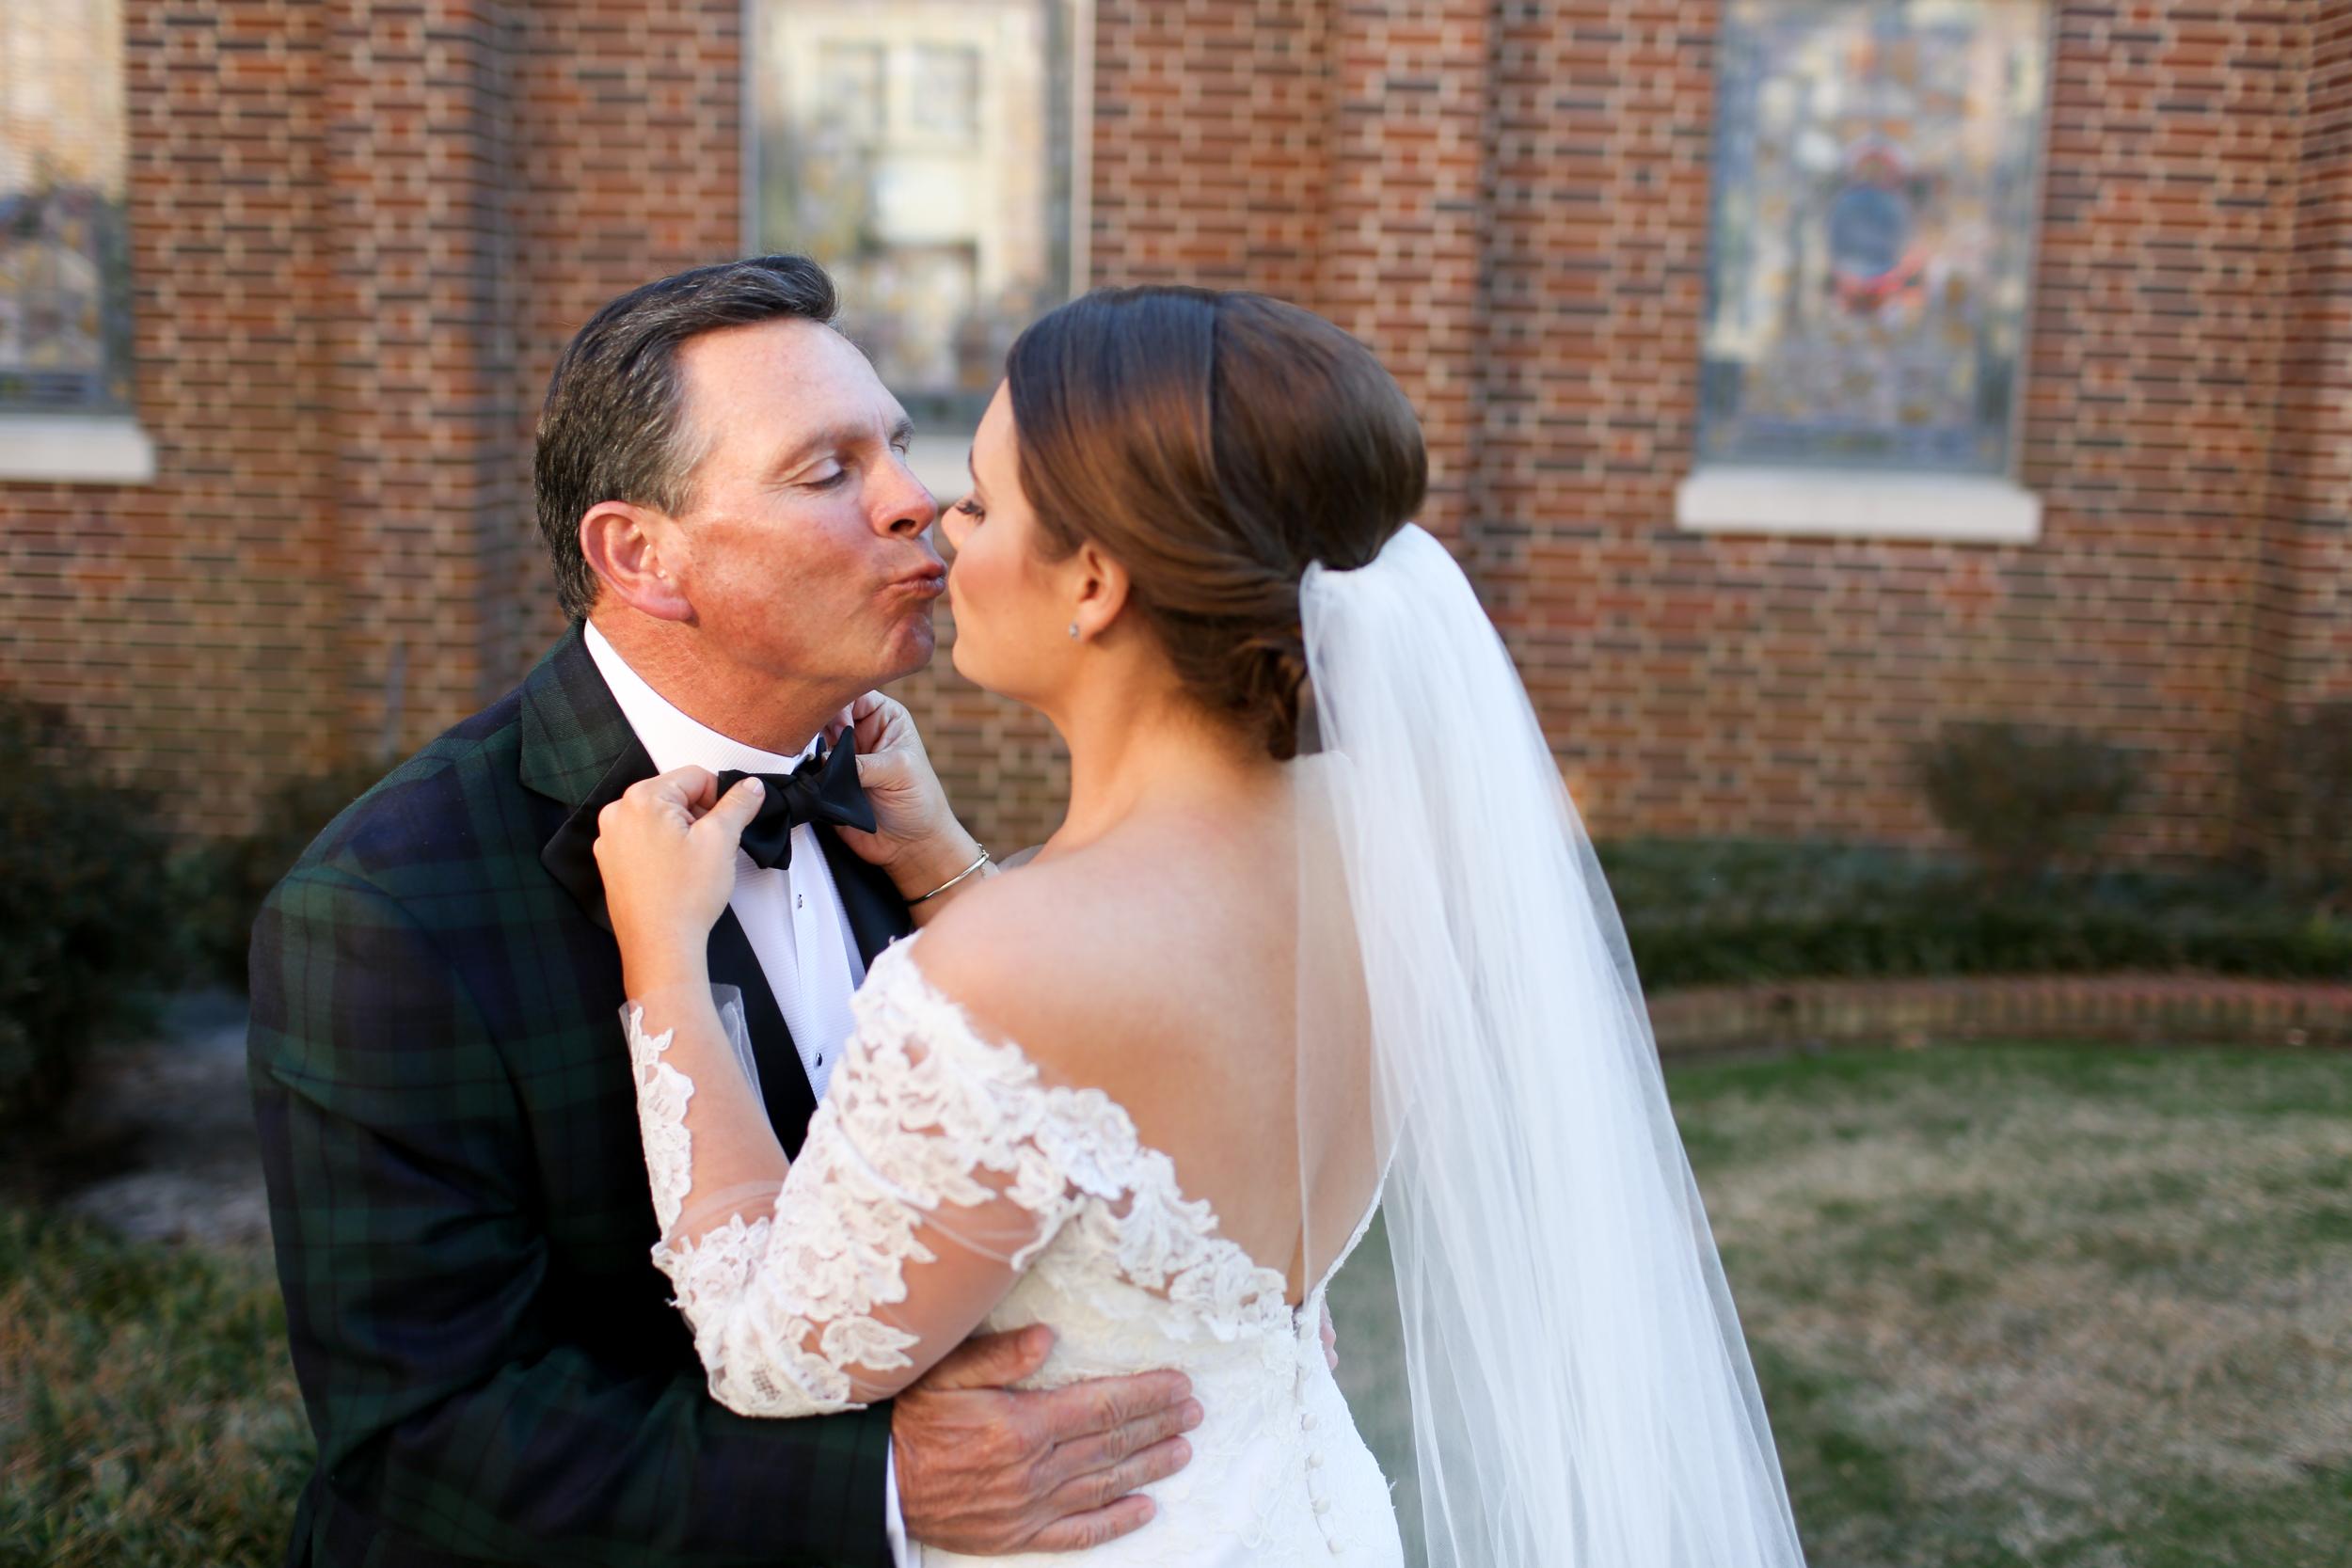 Kuhlke_wedding-412.jpg